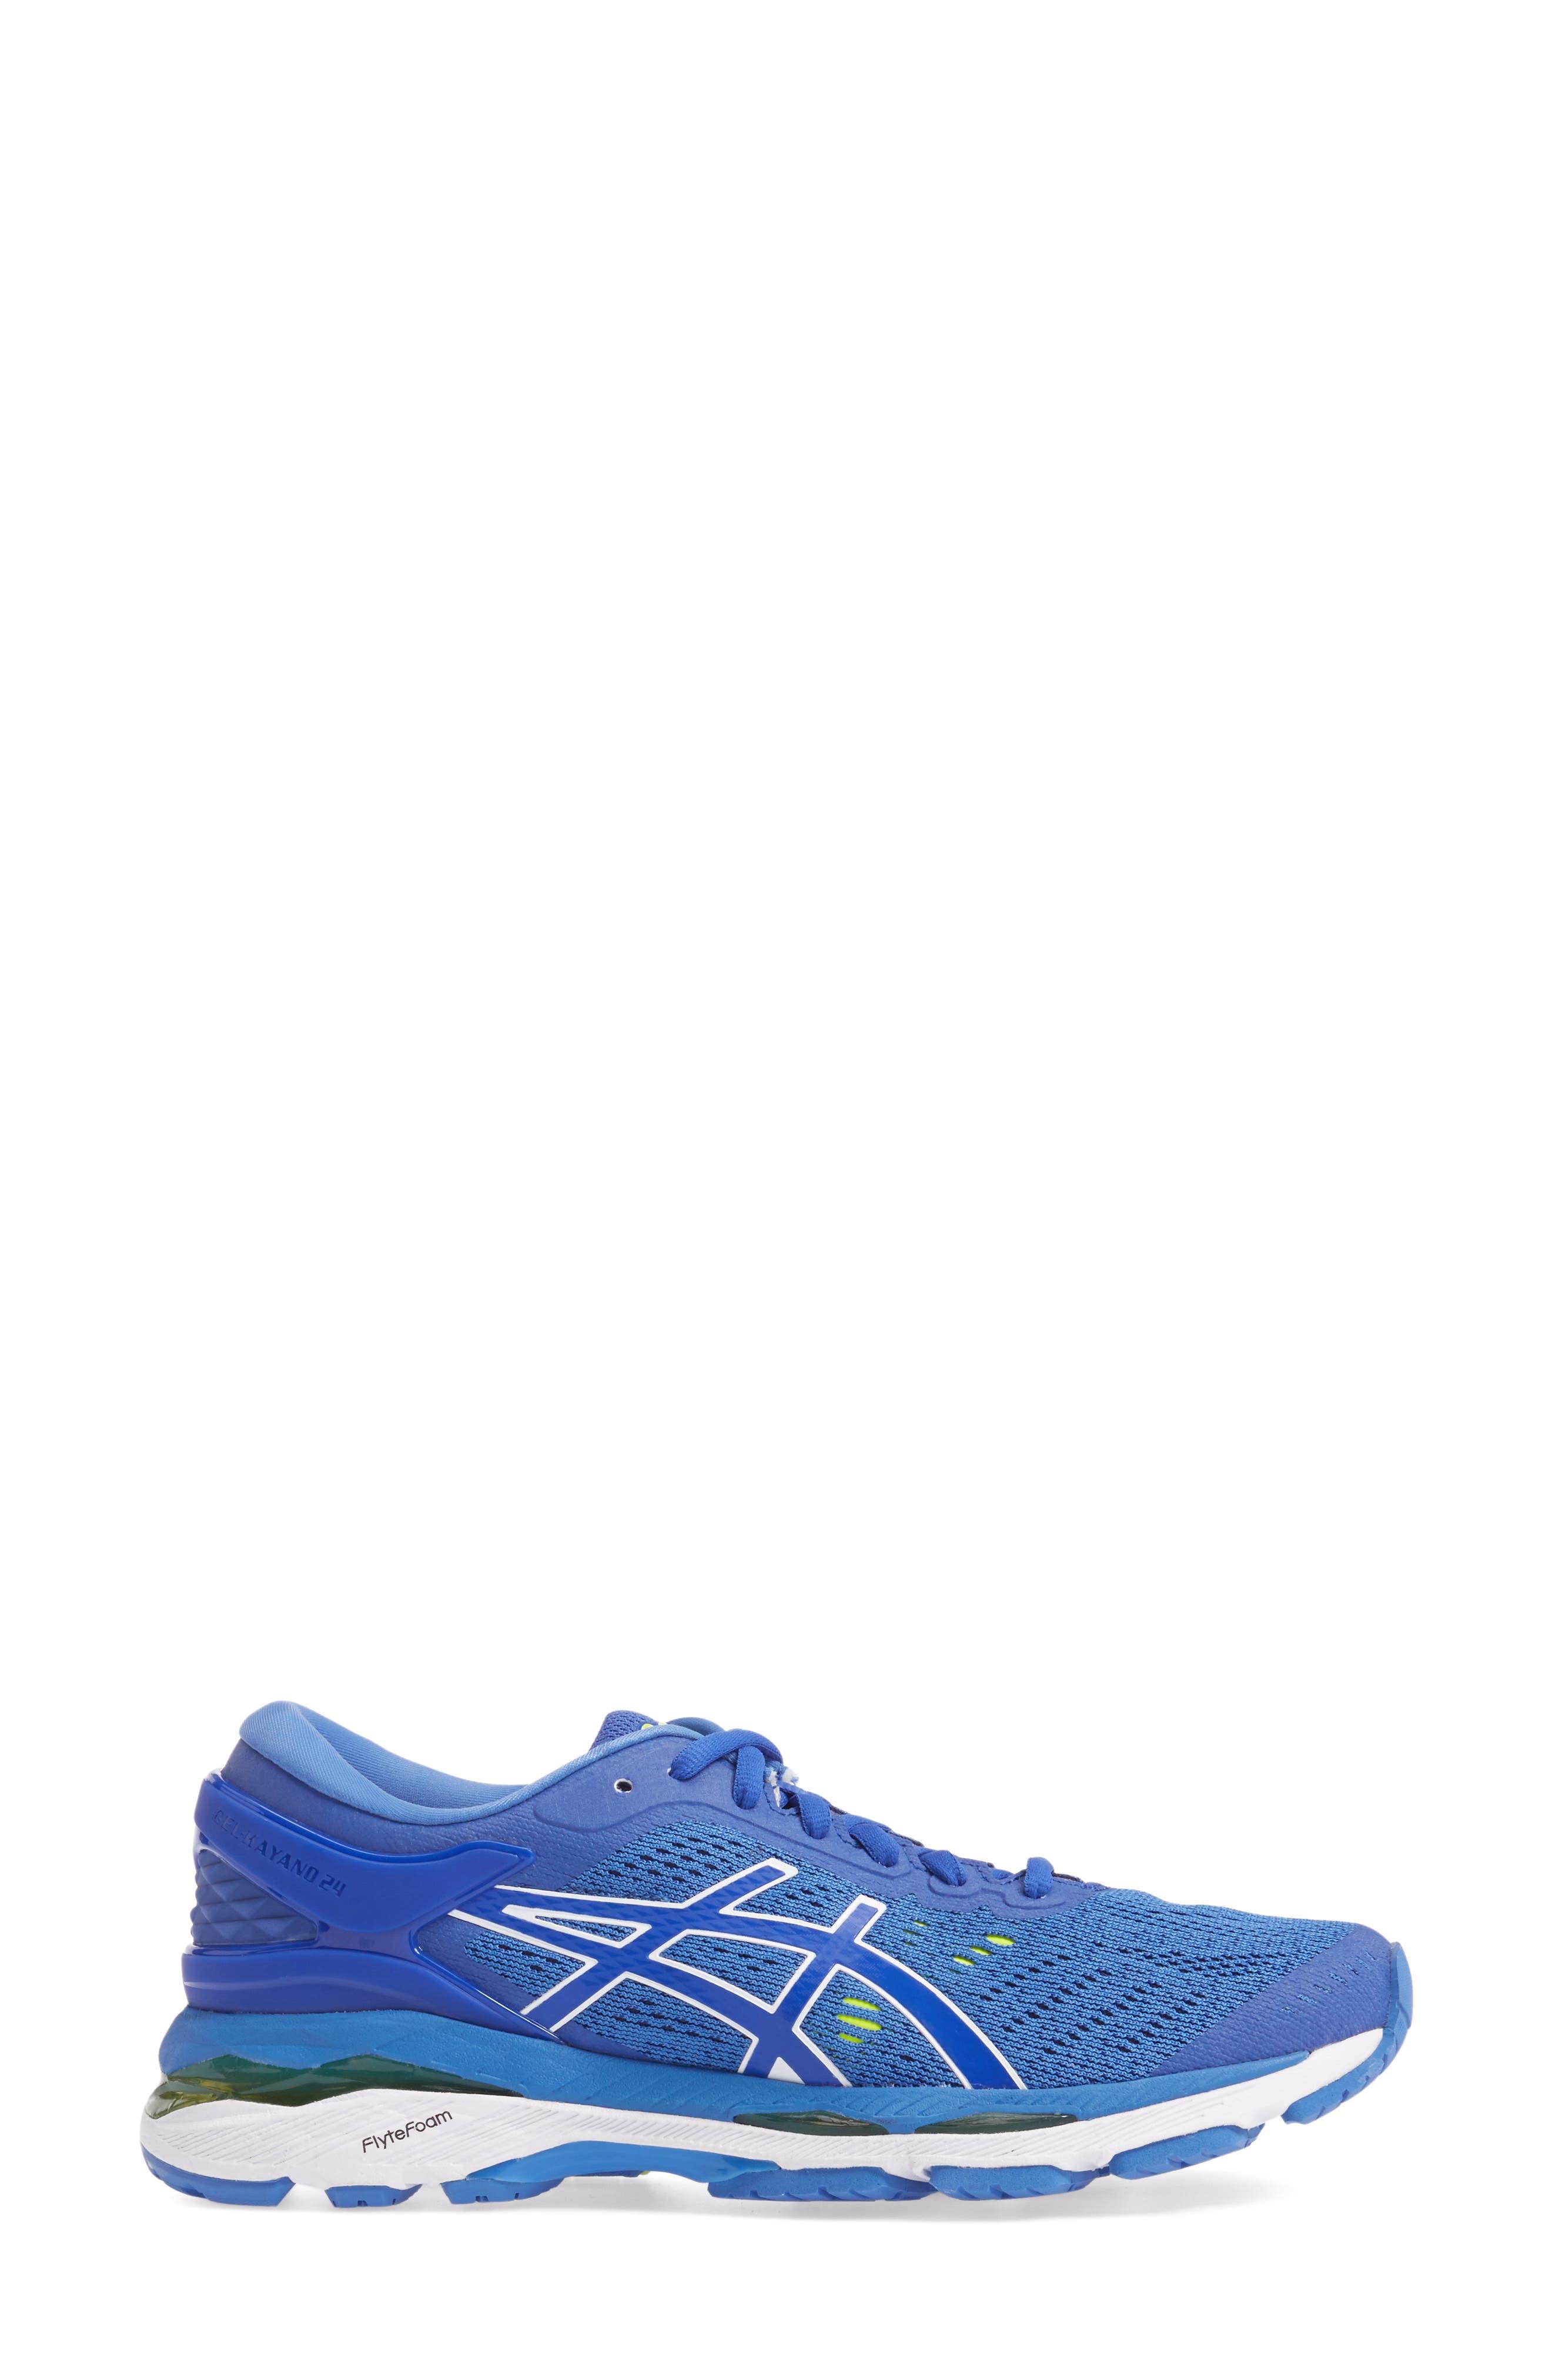 GEL-Kayano<sup>®</sup> 24 Running Shoe,                             Alternate thumbnail 3, color,                             Blue Purple/ Regatta/ White